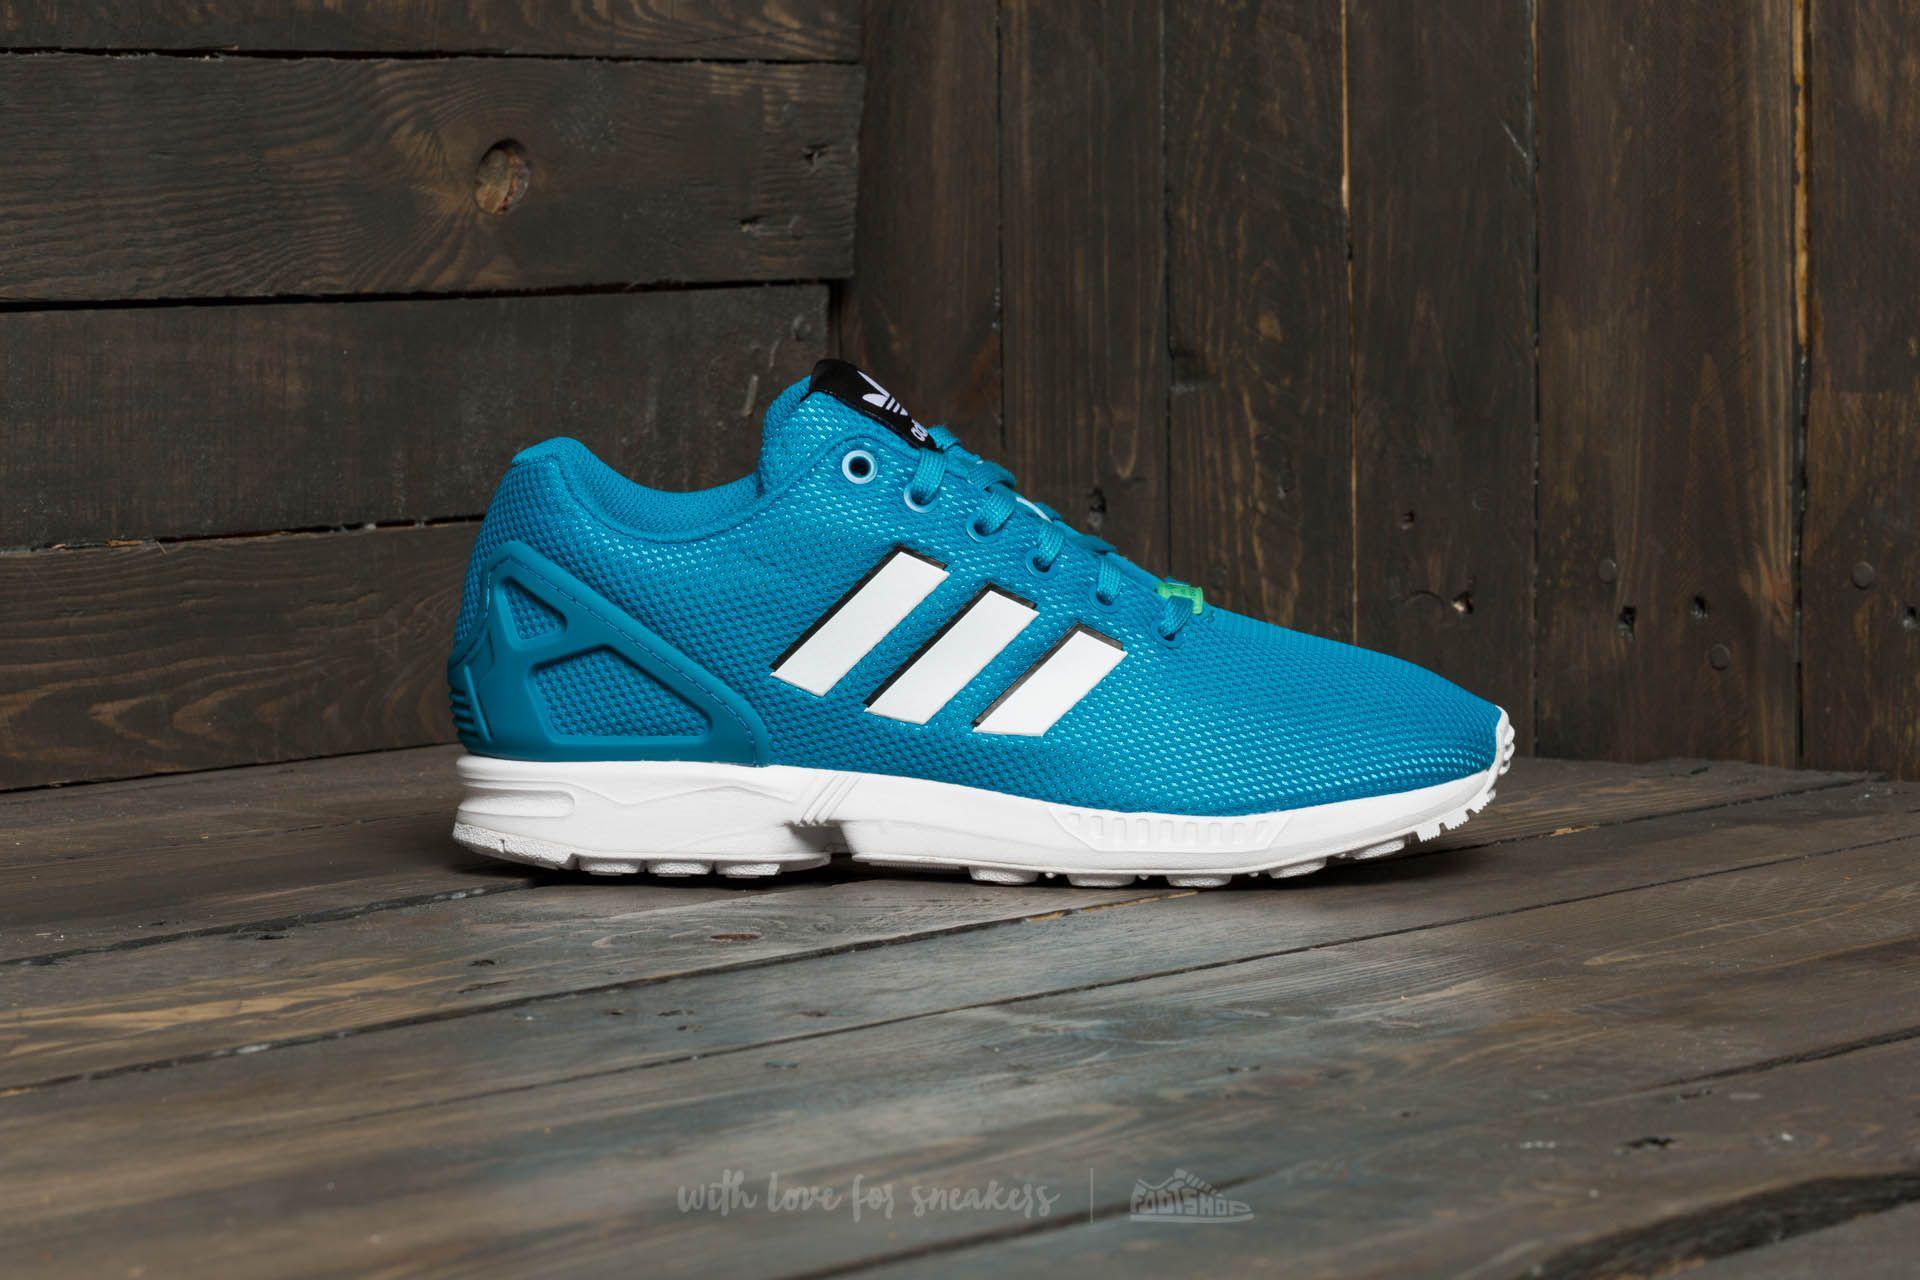 cc6094a9cc82b ... reduced lyst adidas originals adidas zx flux bold aqua footwear white  78b25 678d3